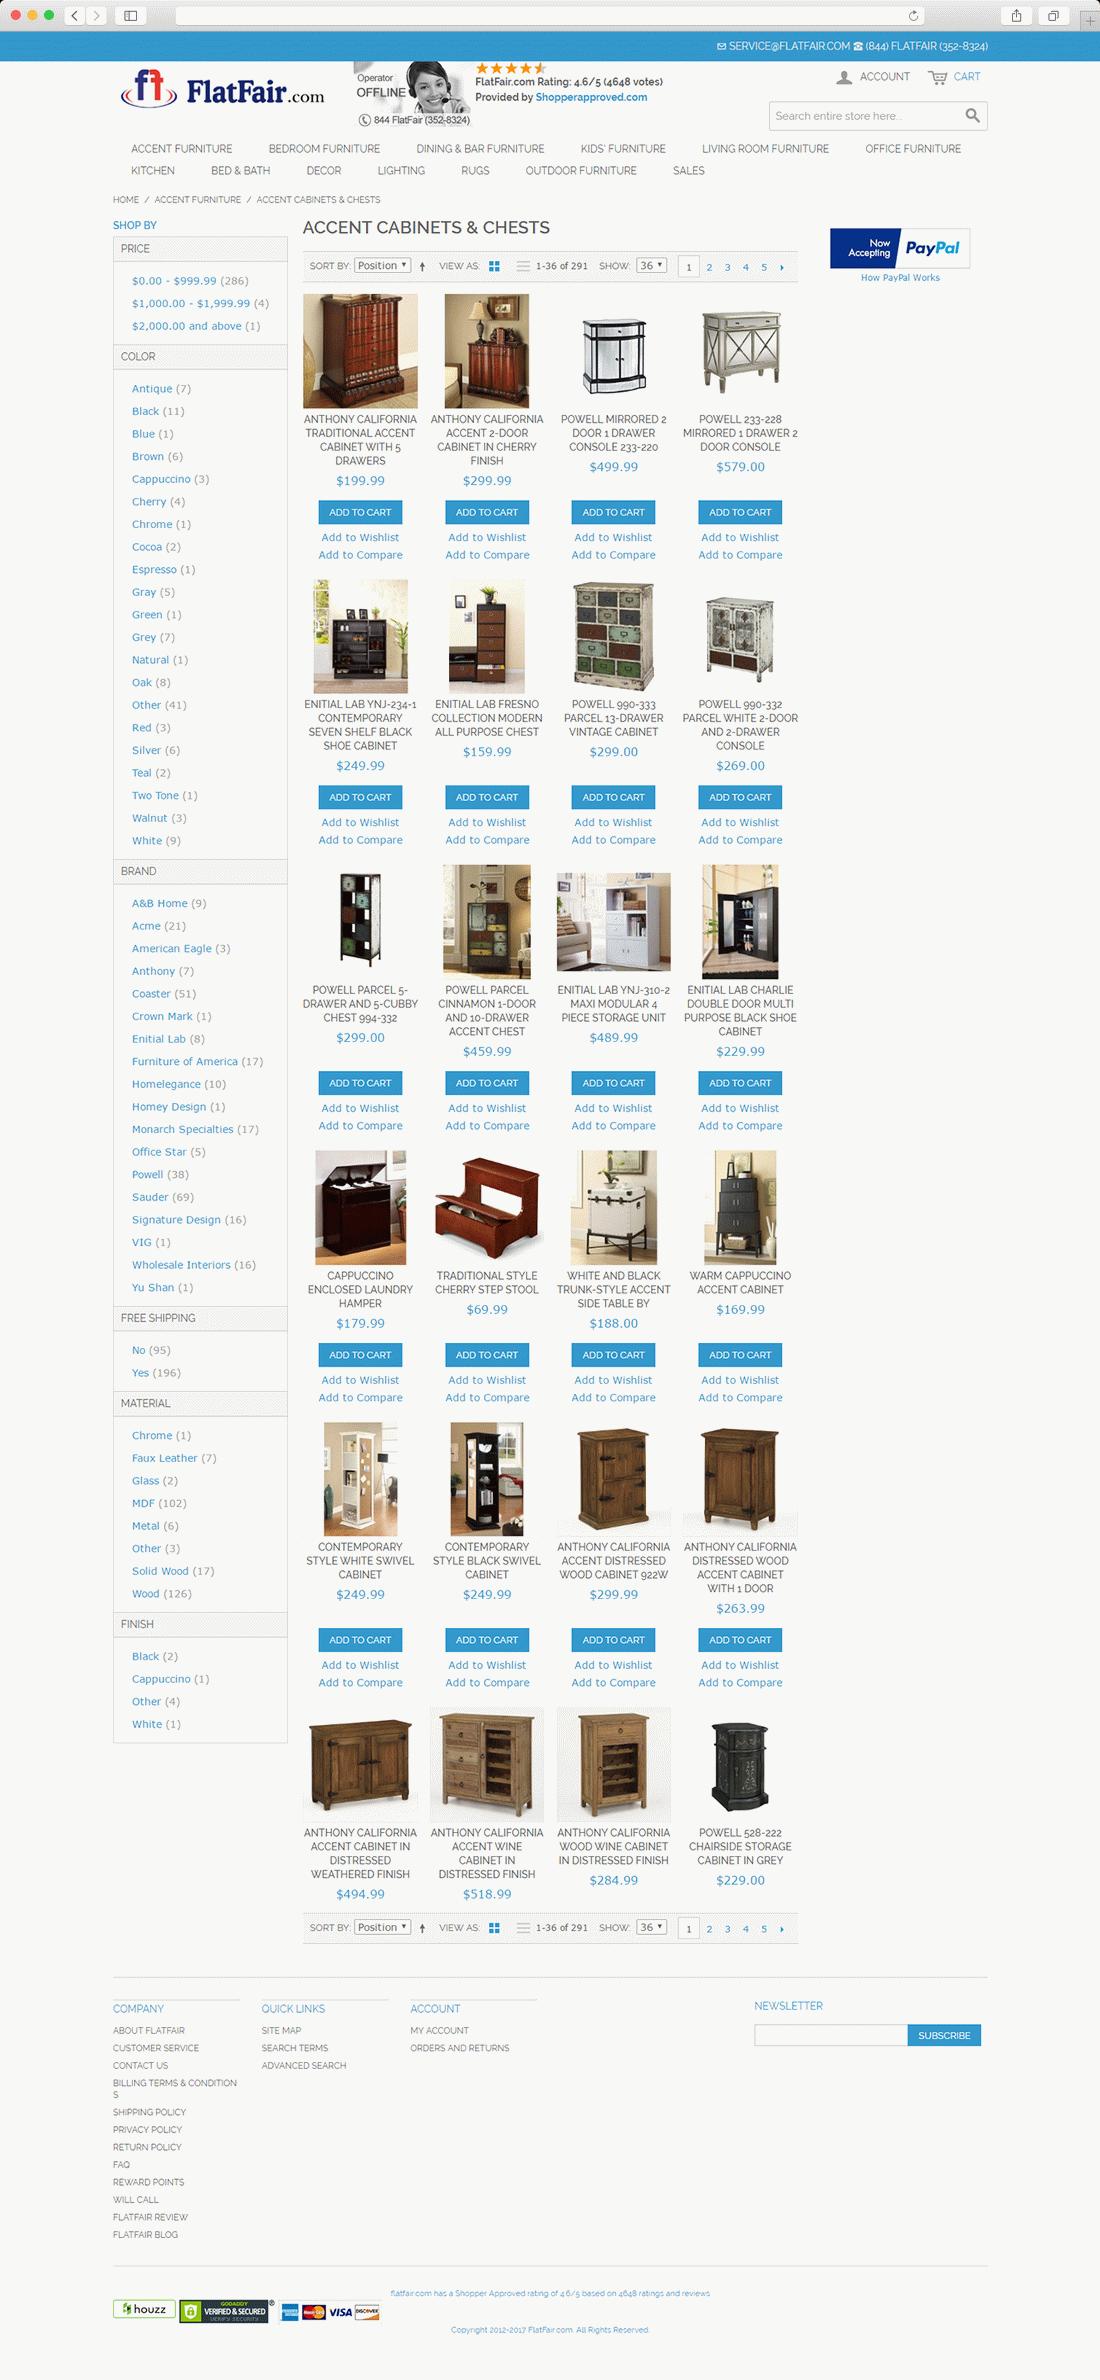 flatfair_catalog